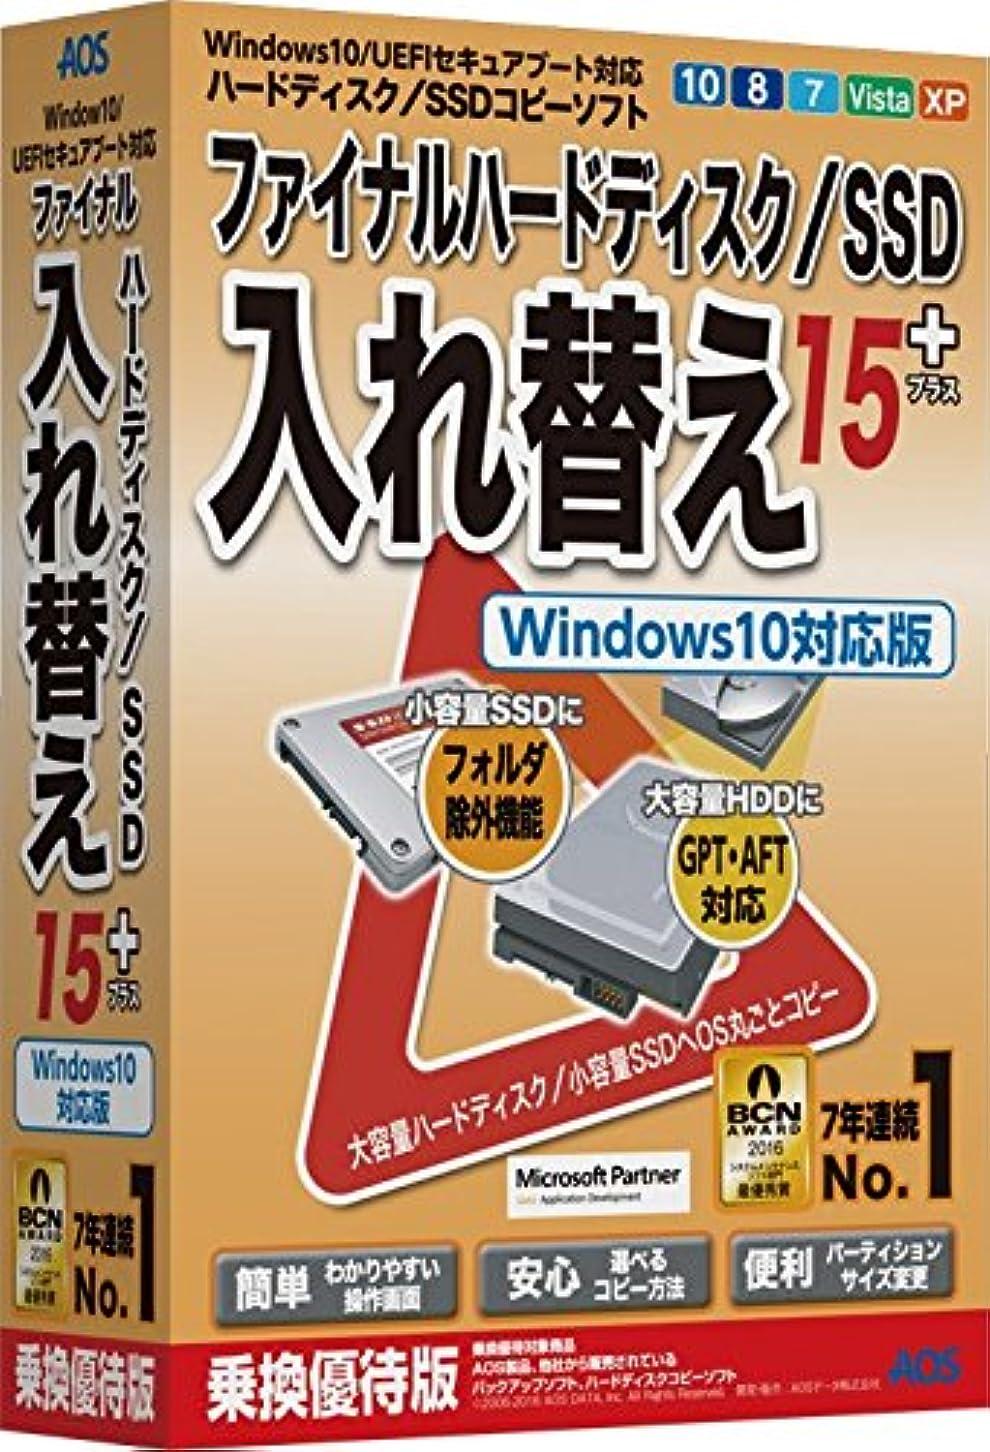 羊の服を着た狼類推マークダウンファイナルハードディスク/SSD入れ替え15plus Windows10対応版/乗換優待版【大容量HDD(GPT)対応、小容量SSDへ除外機能で丸ごとコピー】